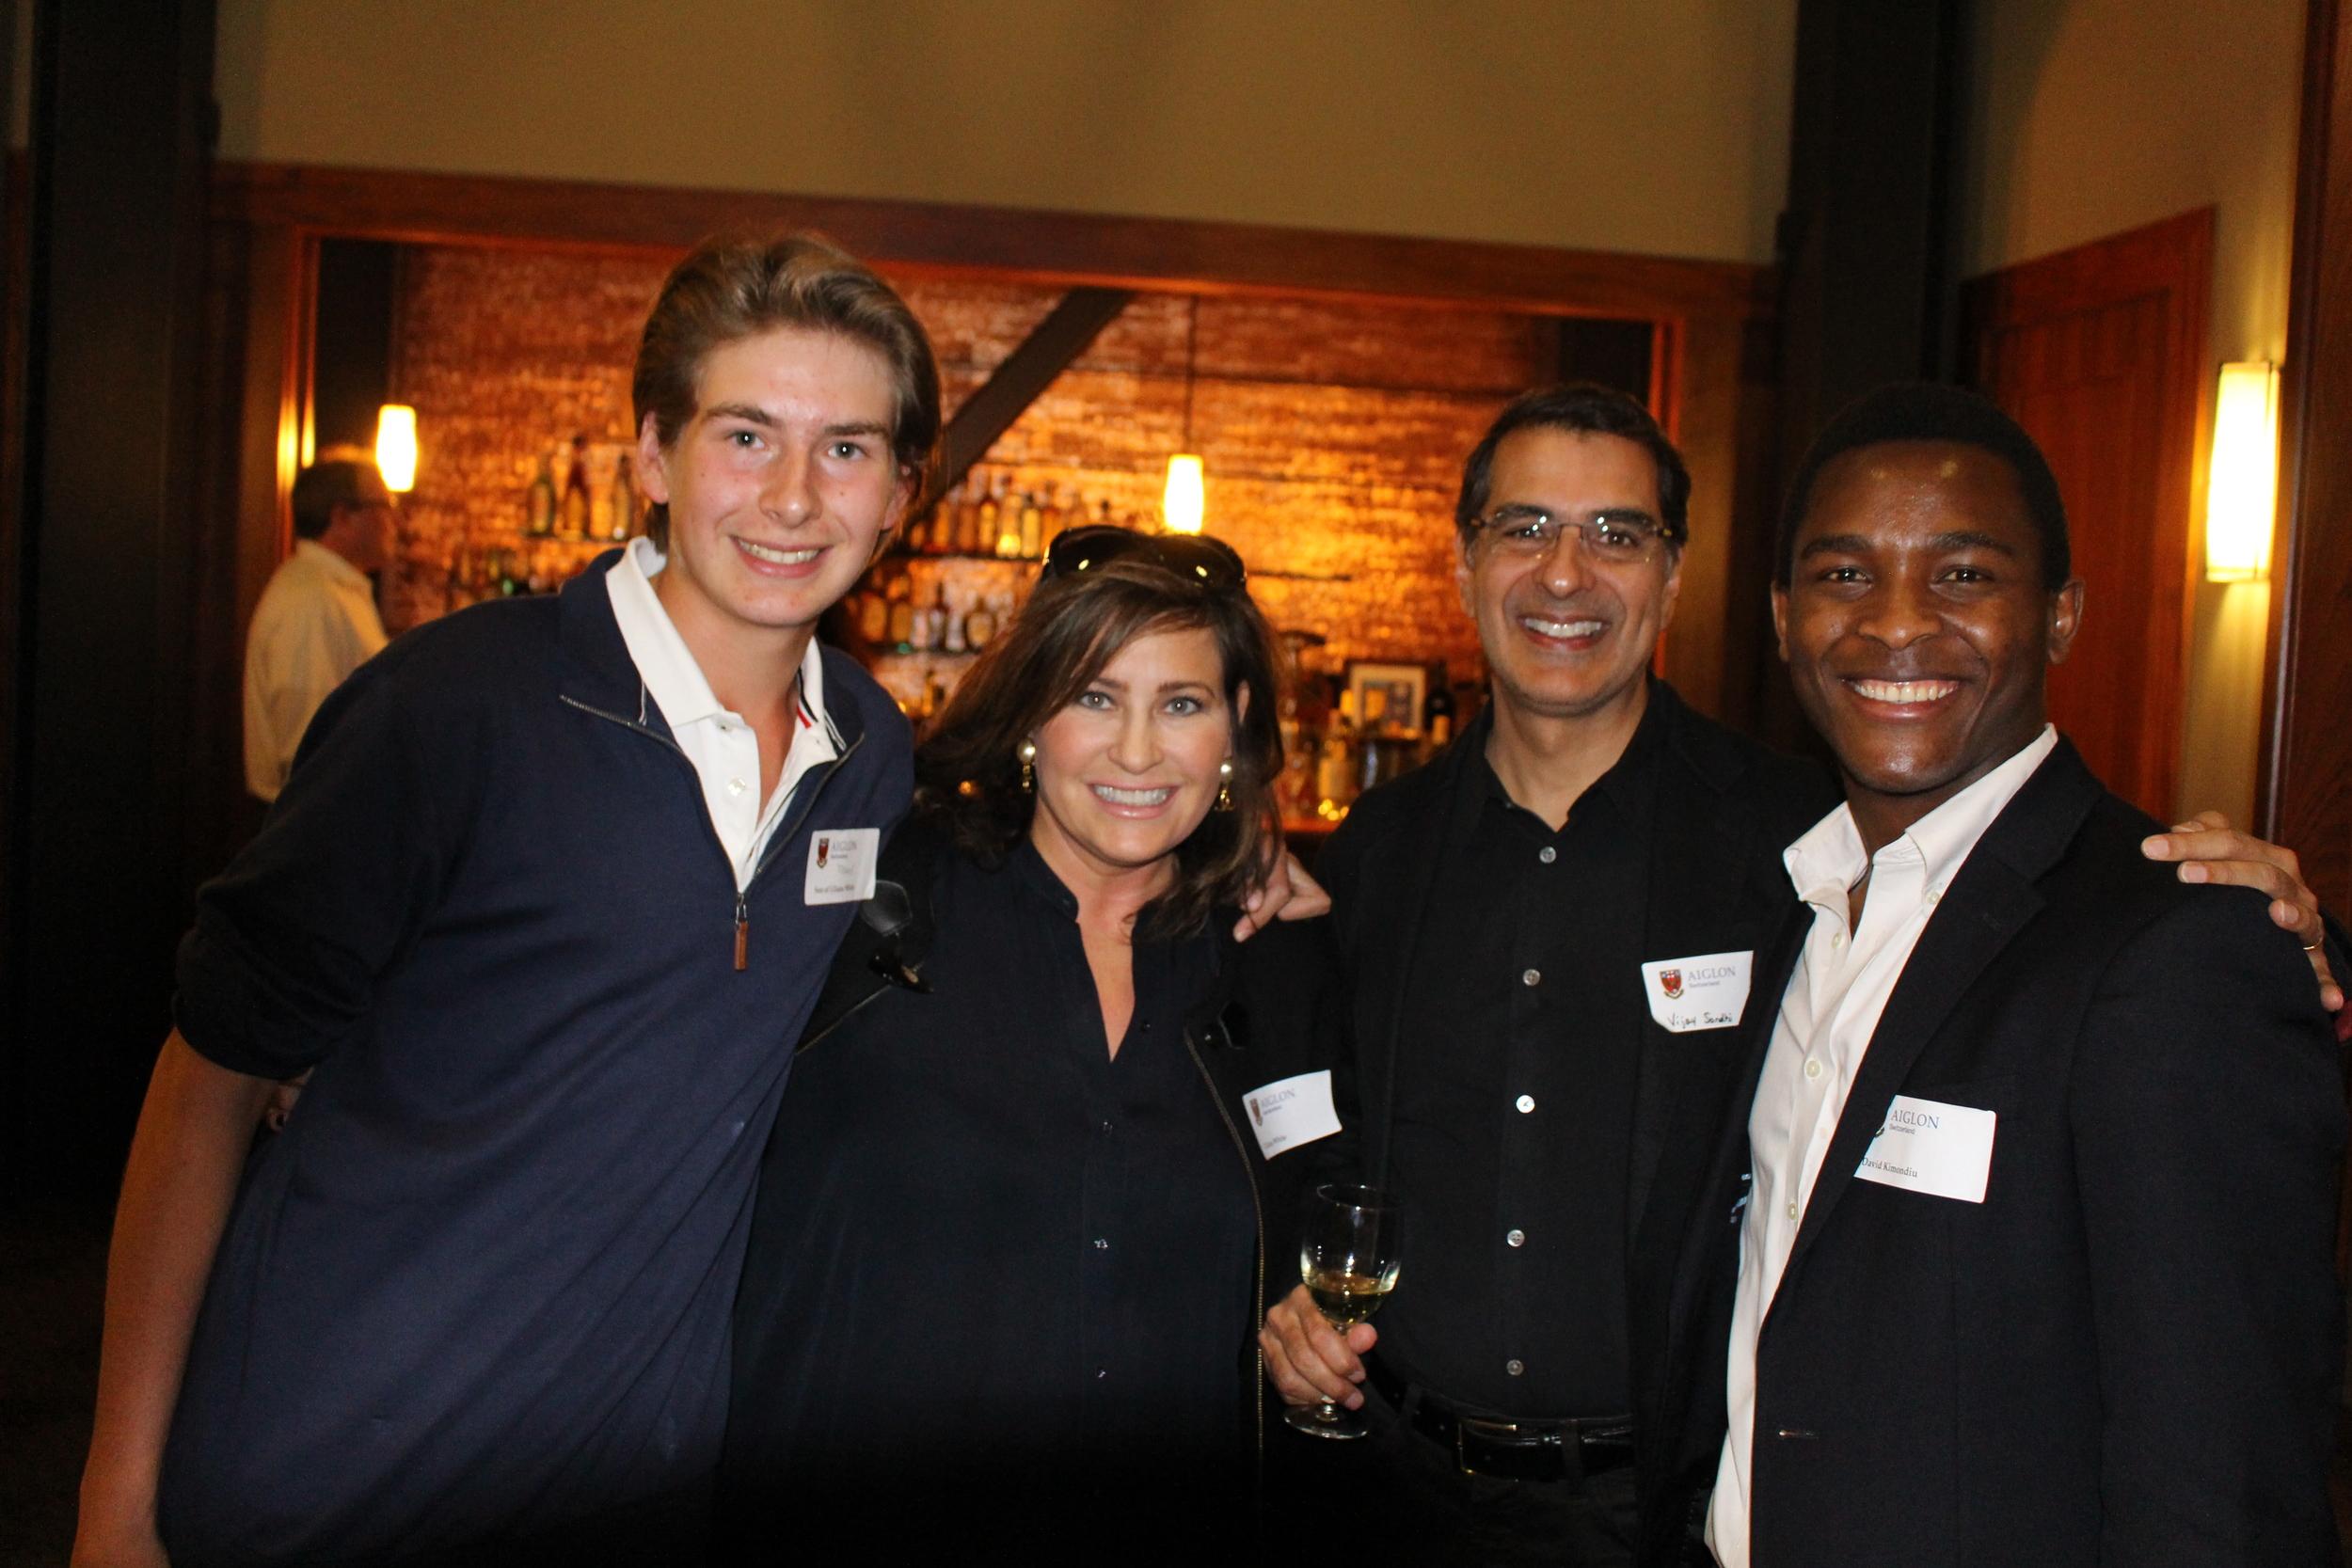 Mark, Liliana, Vijay, and David